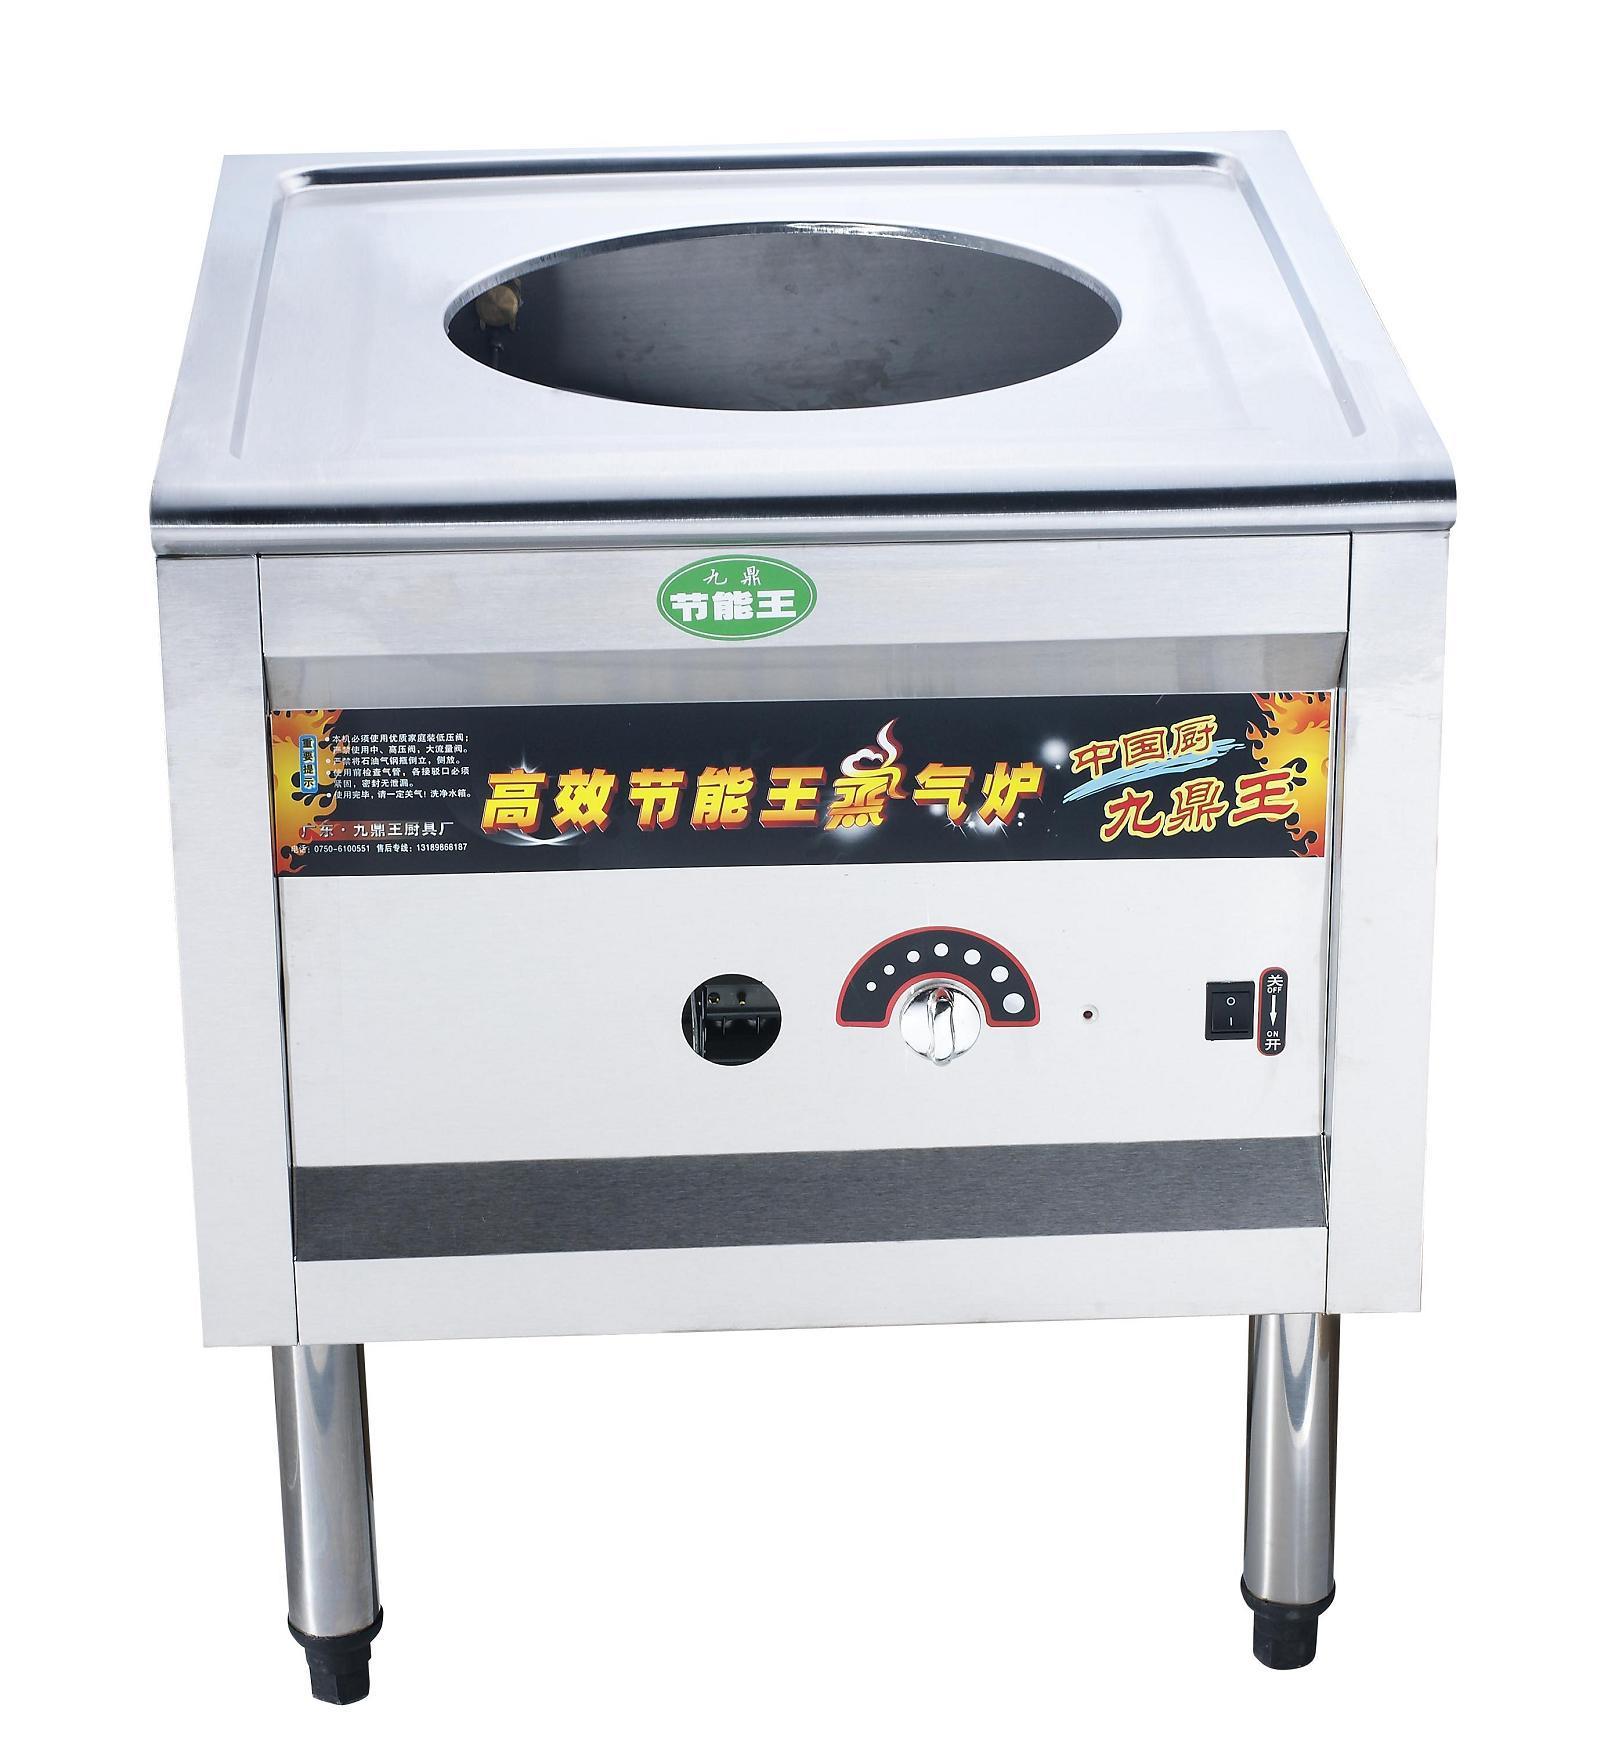 煮面炉、蒸包炉、电热煲